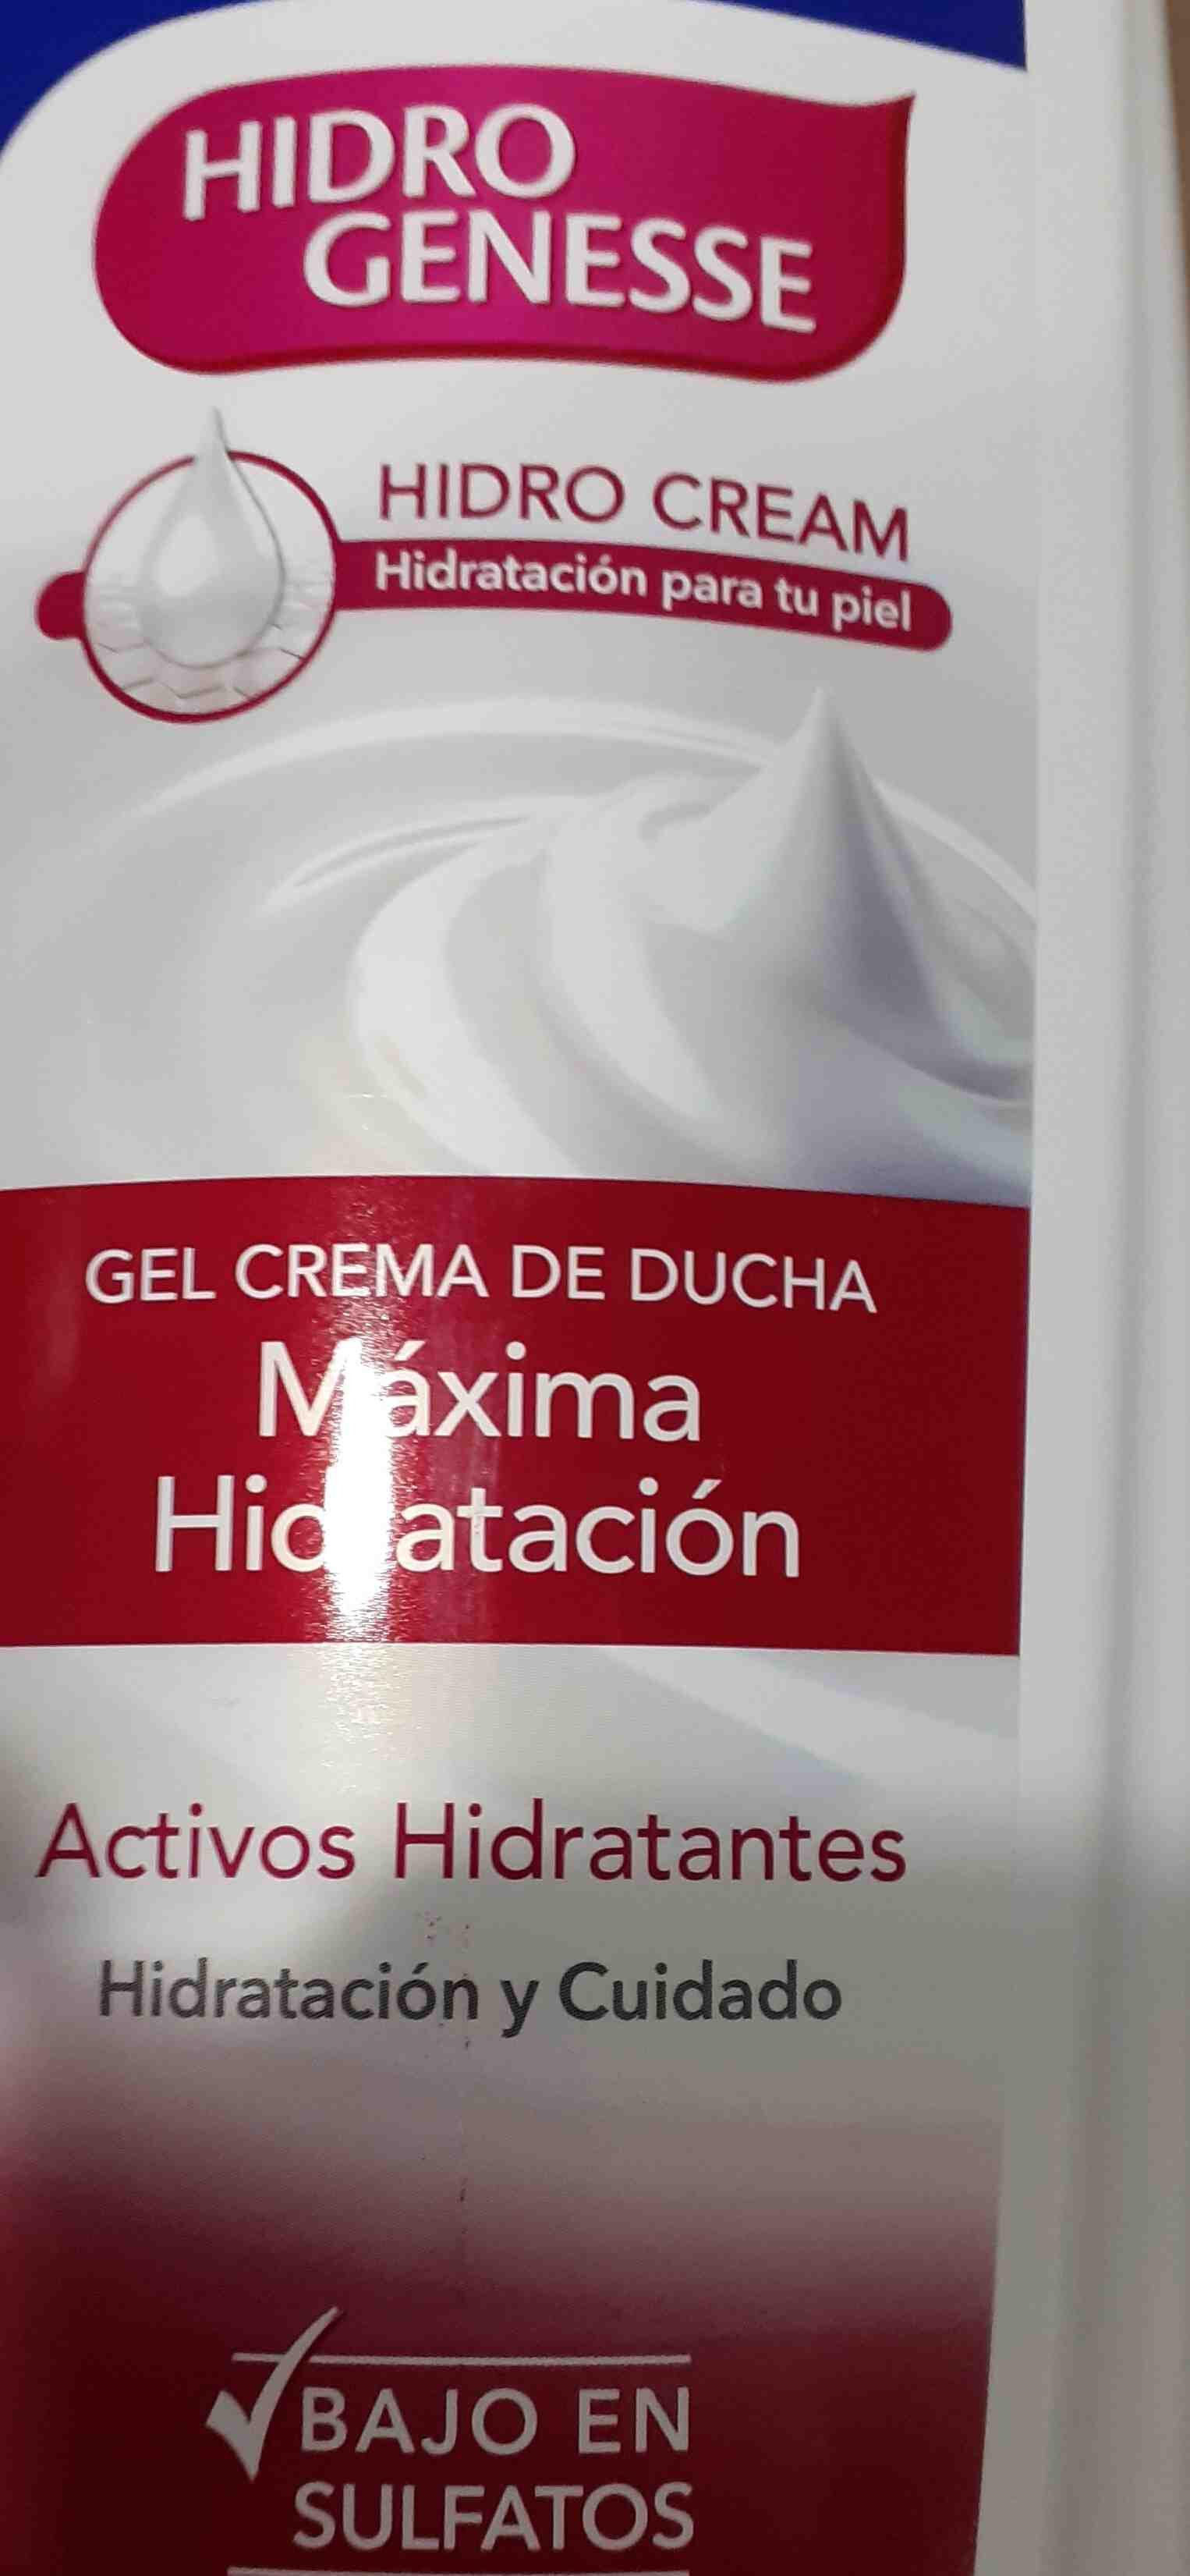 gel hidro genesse - Product - en